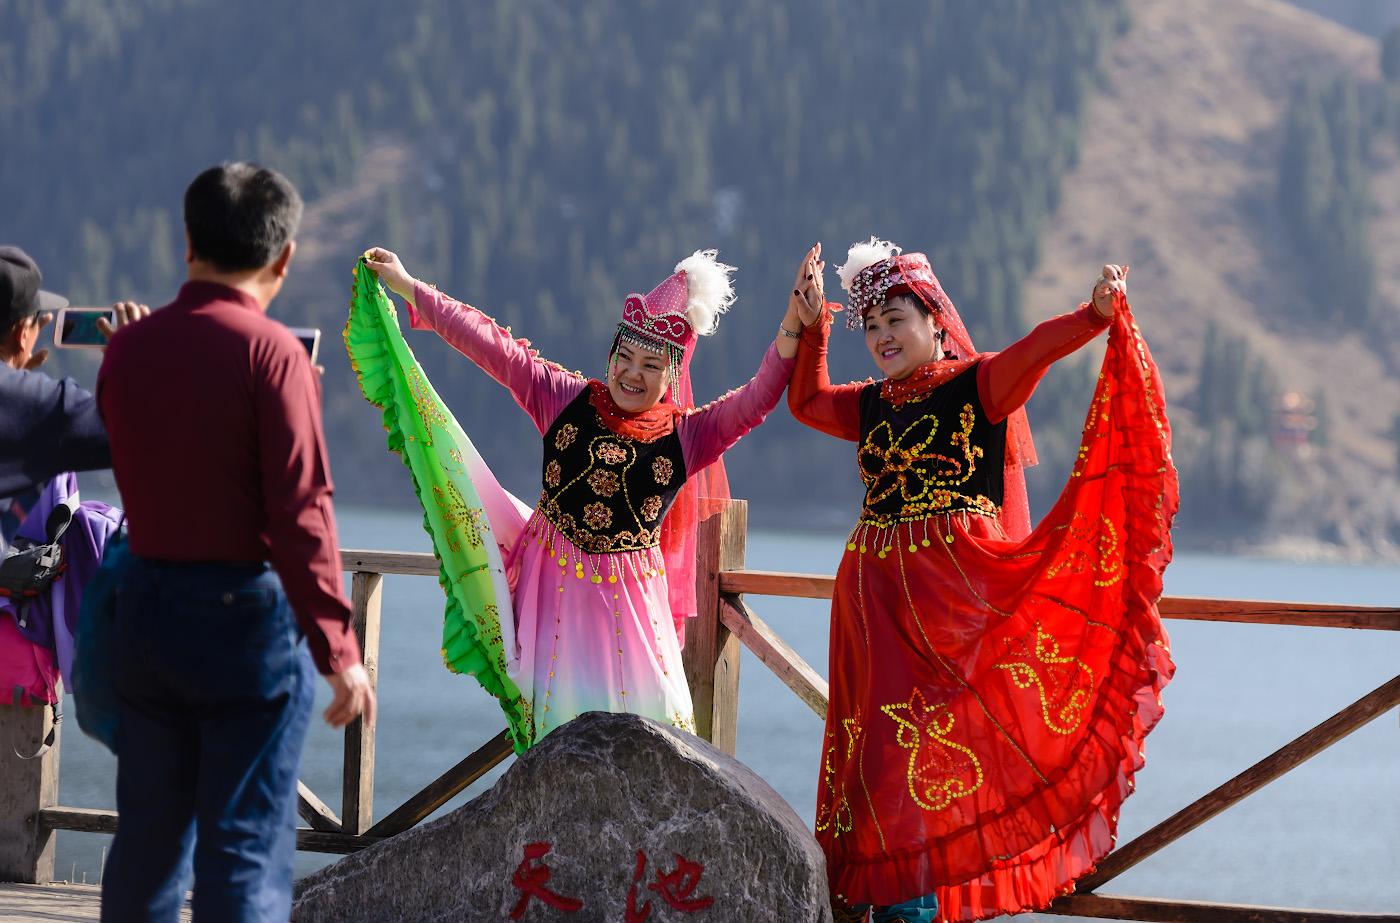 Фотография 9. Фотосессия на берегу Небесного озера (Tianchi Lake). Отчет о путешествии из Урумчи в Тяньчи. Наша третья китайская поездка. 1/400, -0.67, 2.8, 100, 120.